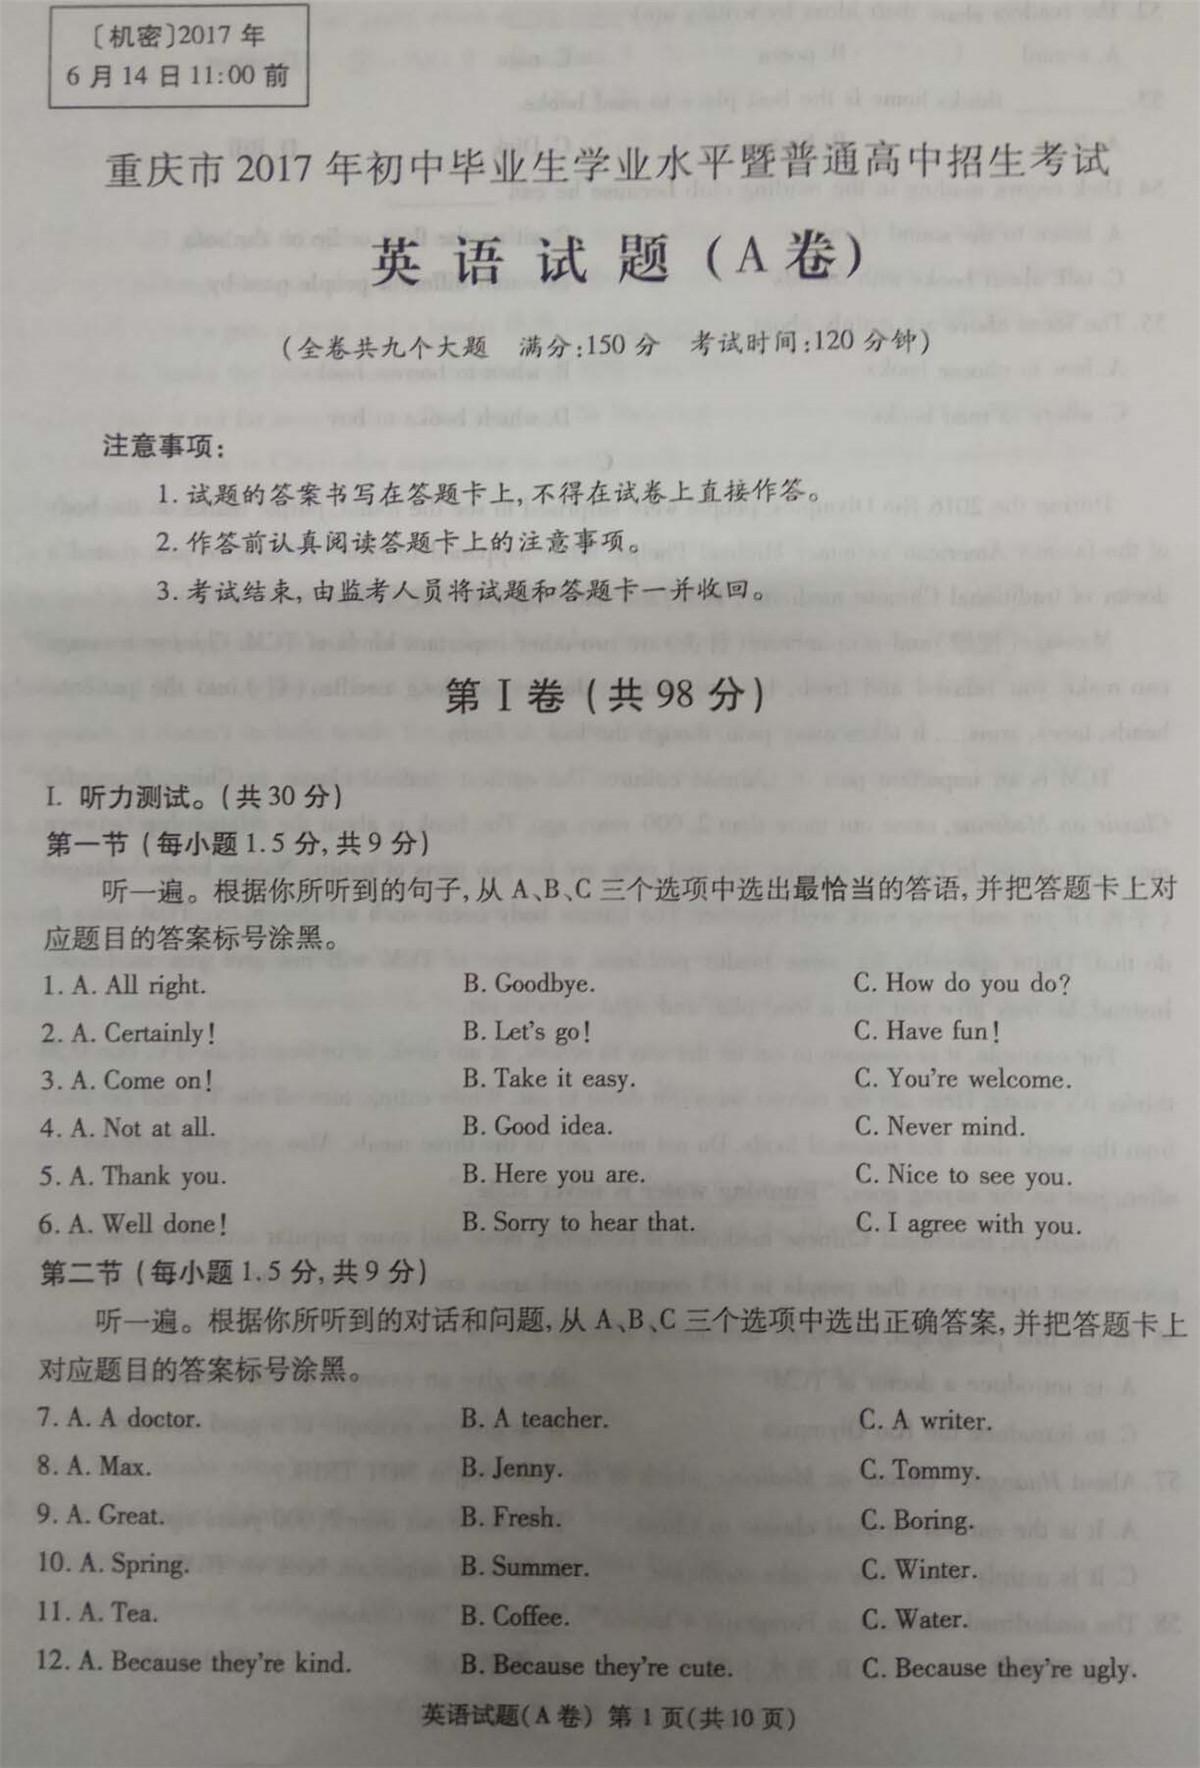 2017重庆中考英语A卷试题及答案解析(图片版含答案)